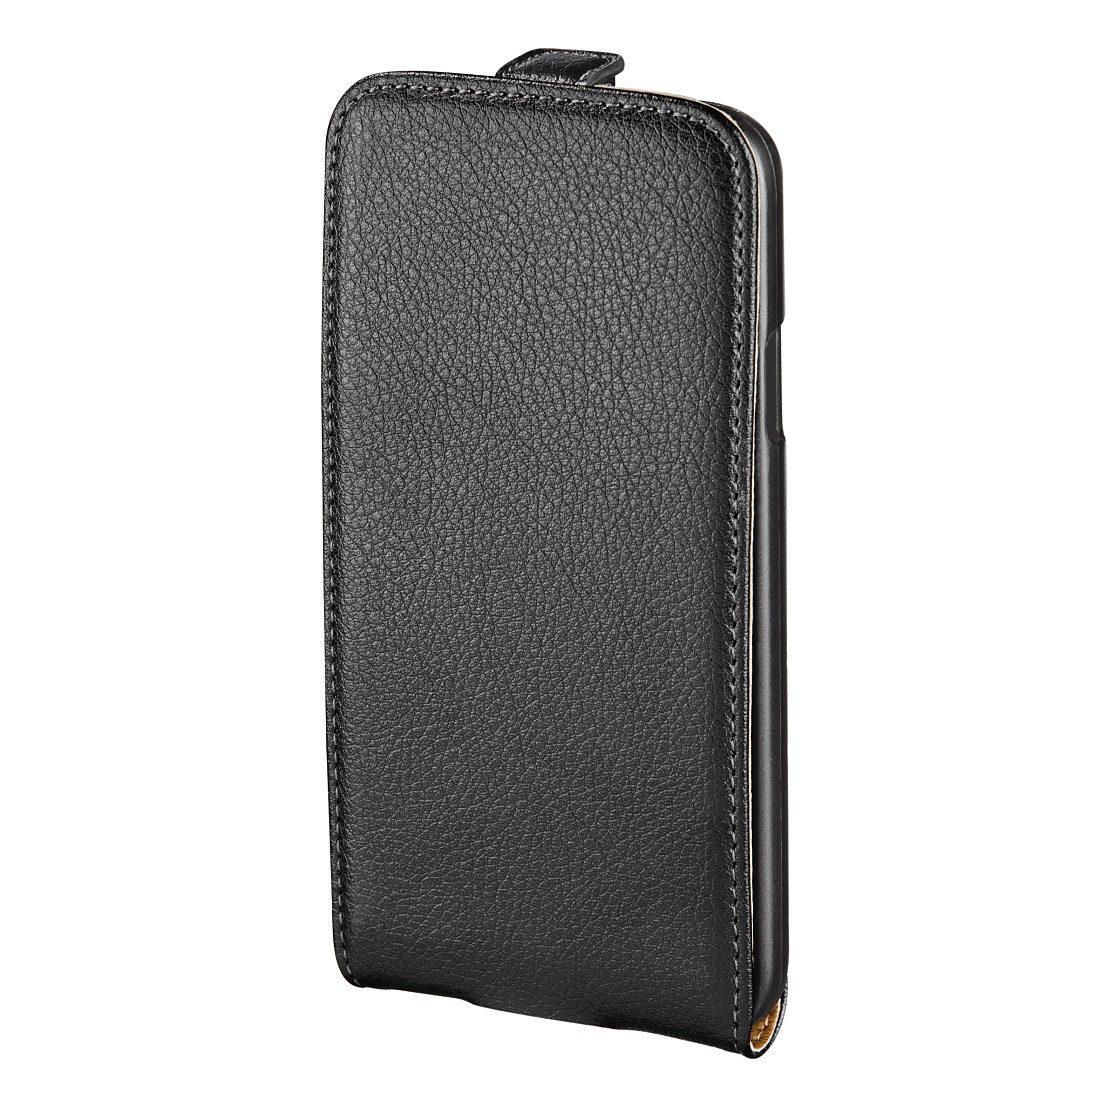 Hama Leder Hülle für Apple iPhone 6s Plus Handytasche Handyhülle »Handy Schutzhülle Flip Case«